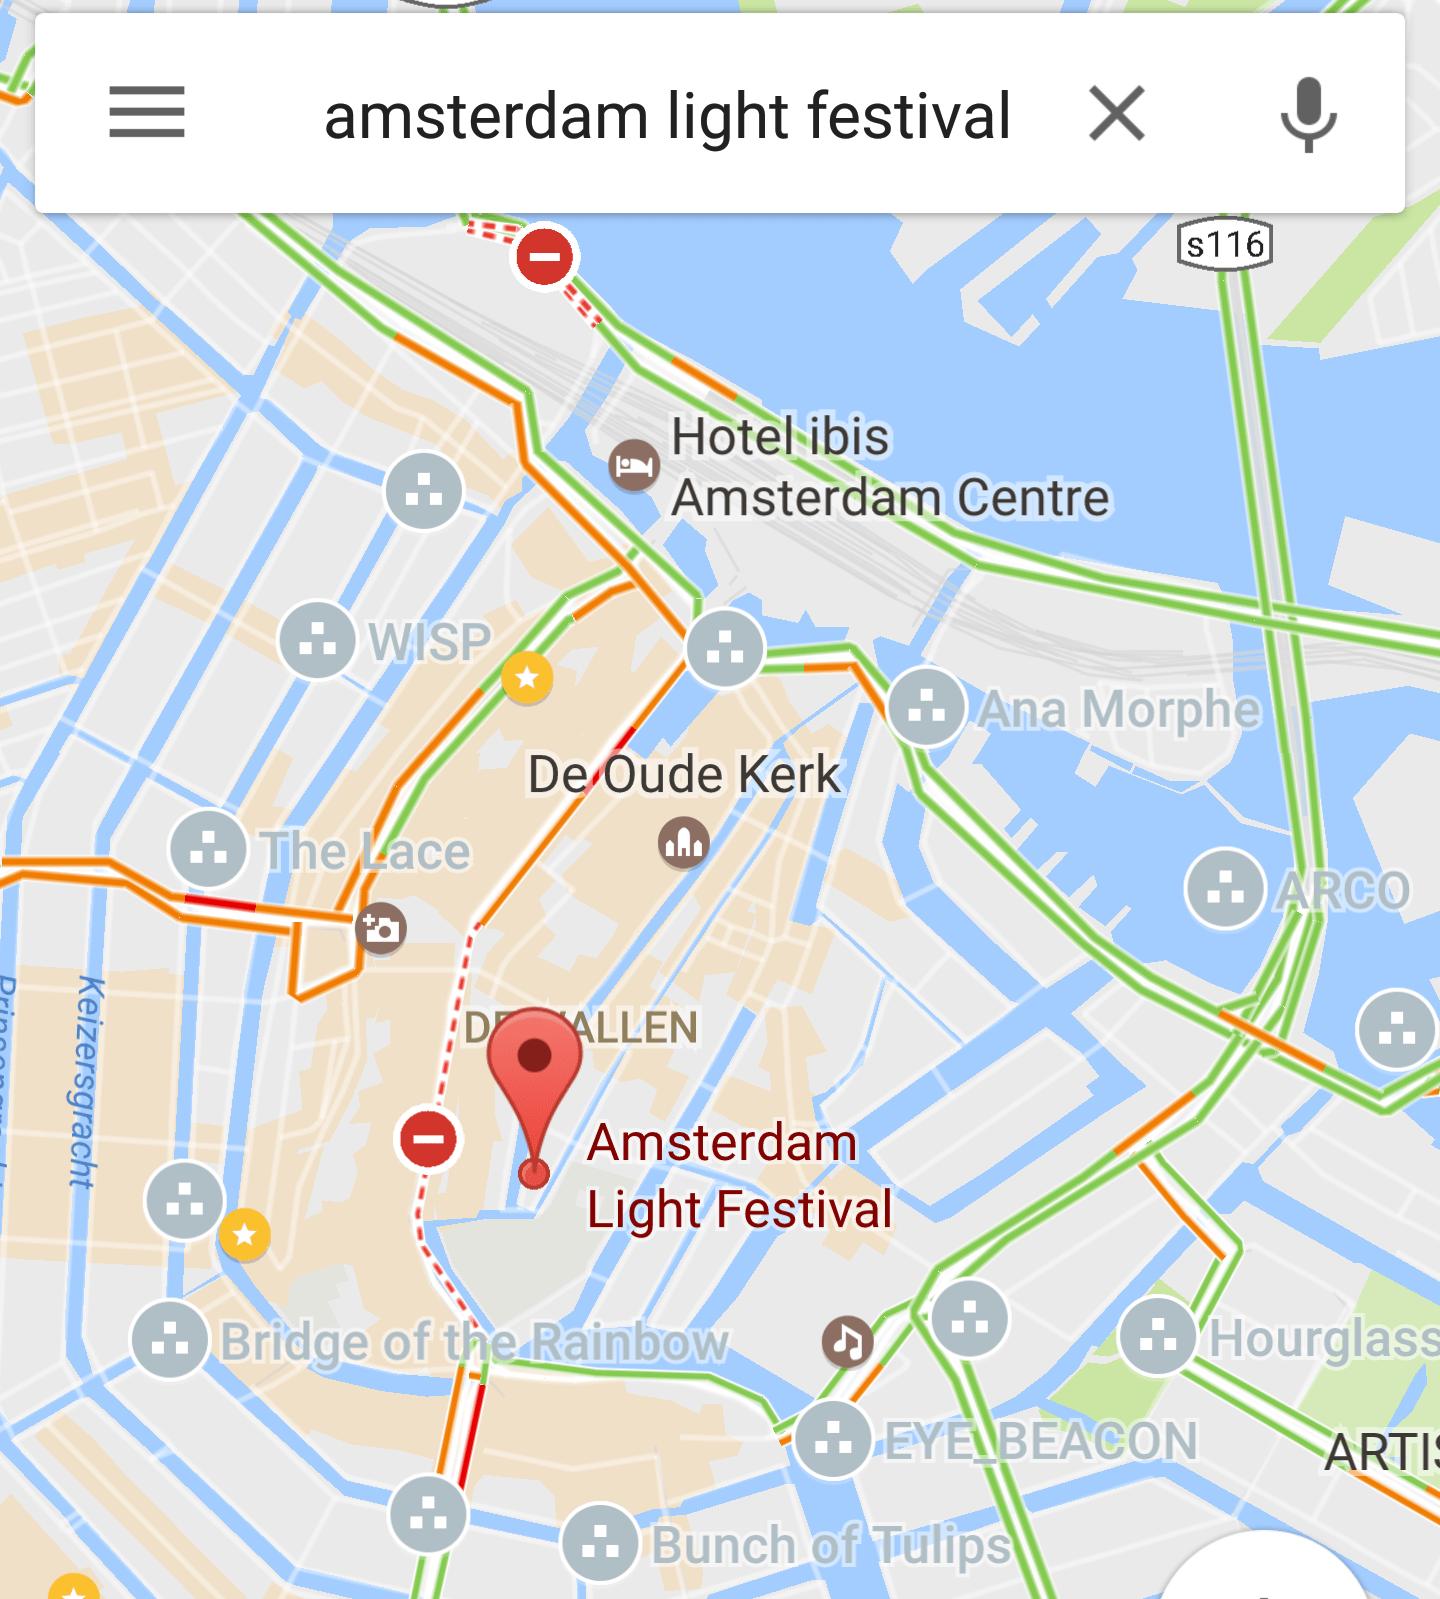 Alle Objekte zum Amsterdam Light Festival in Google Maps